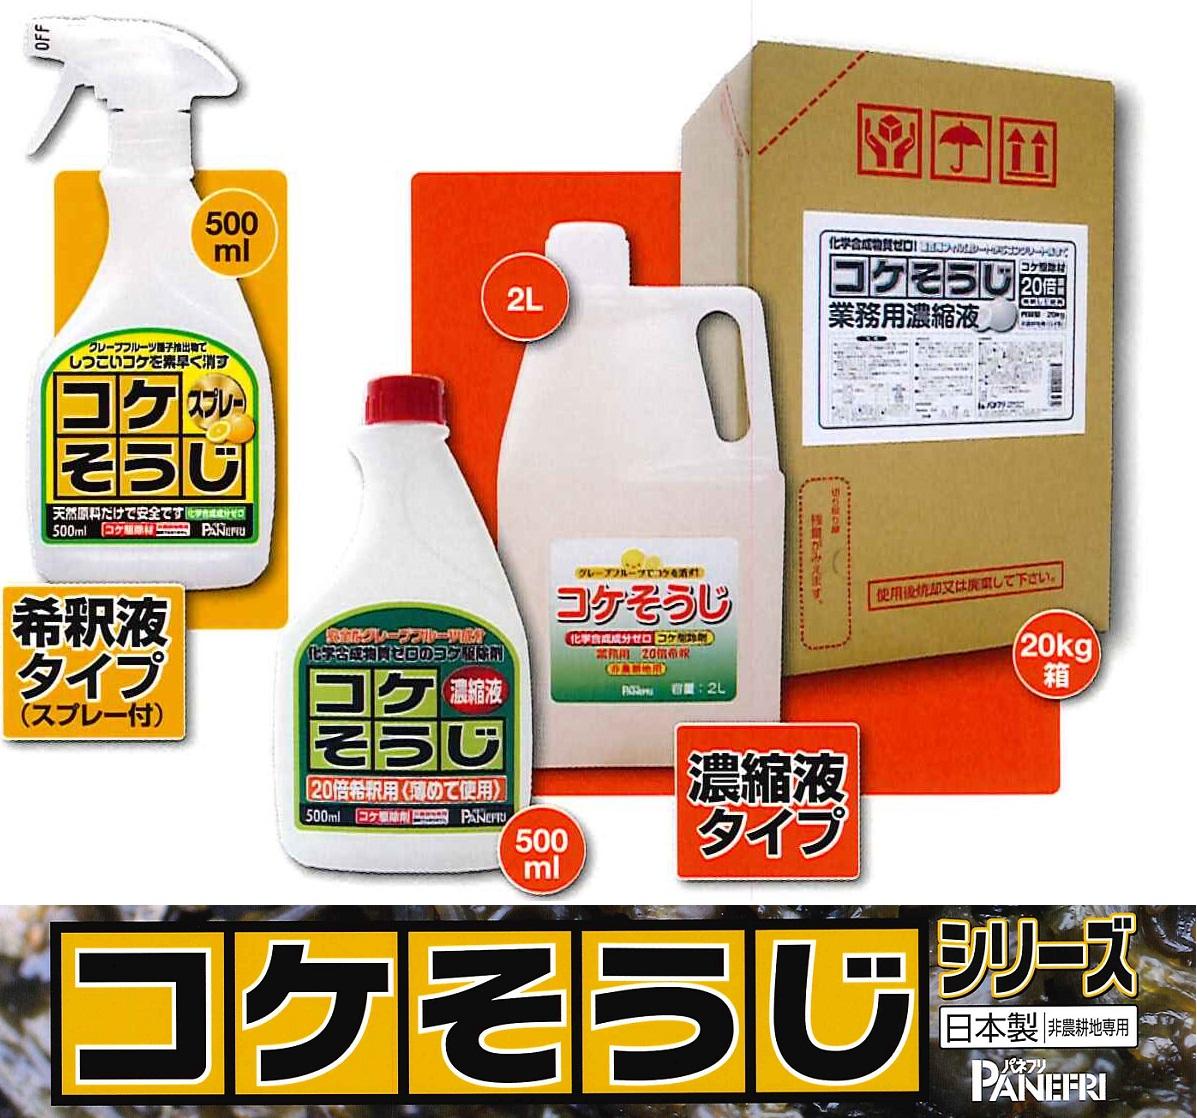 【ケース販売】パネフリ工業 コケそうじ濃縮液業務用8L(2Lx4本)